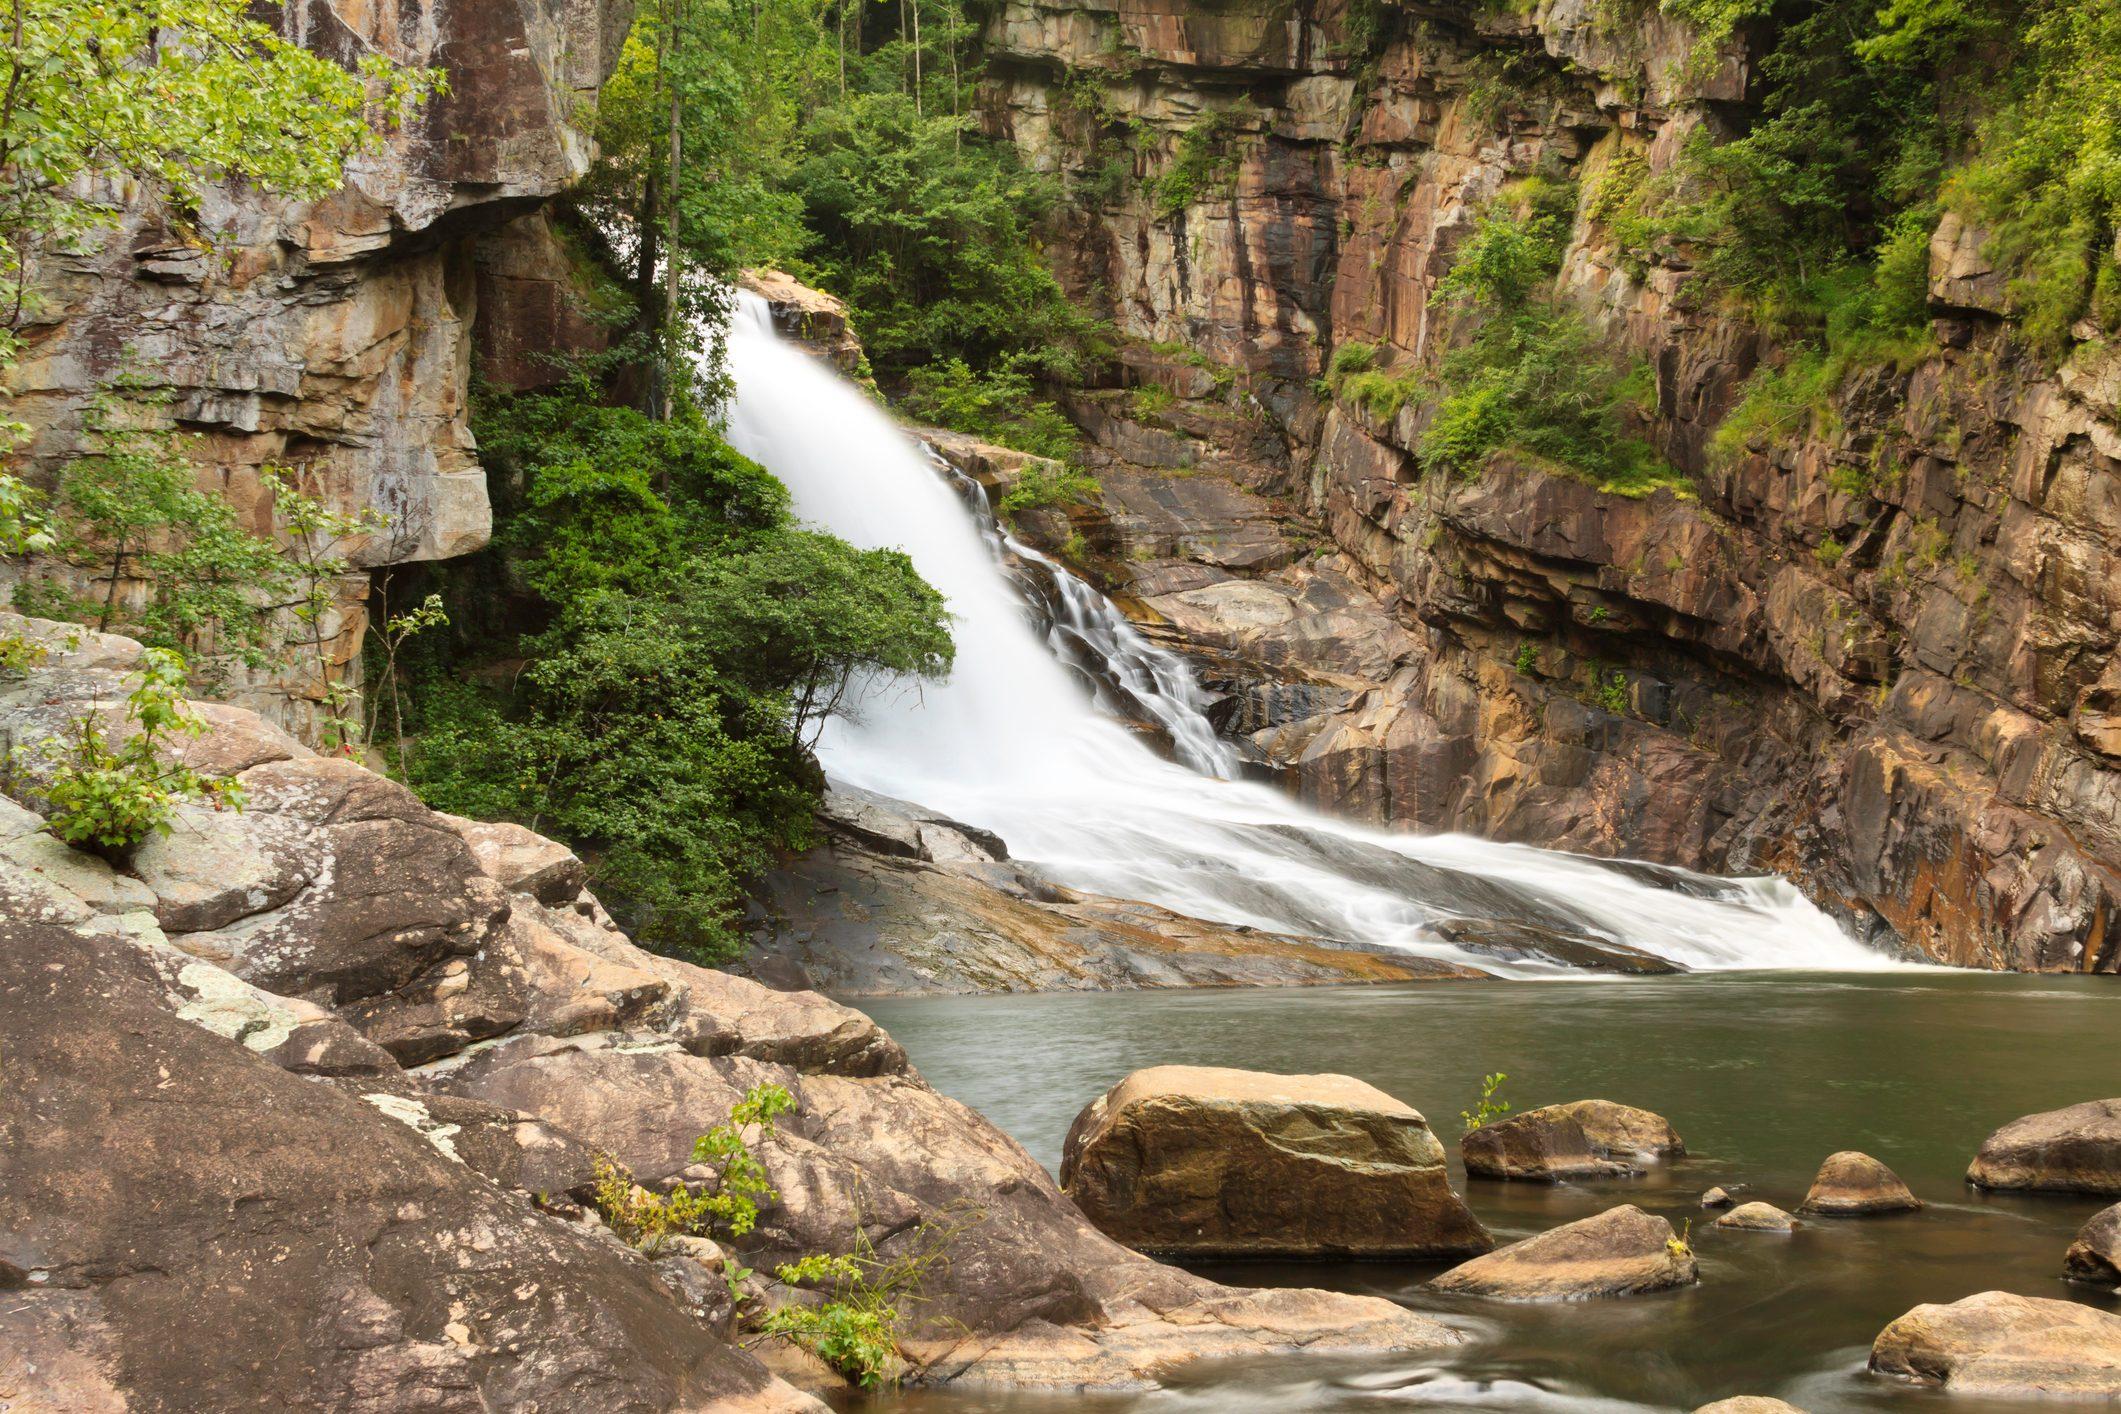 Waterfall In Tallulah Gorge